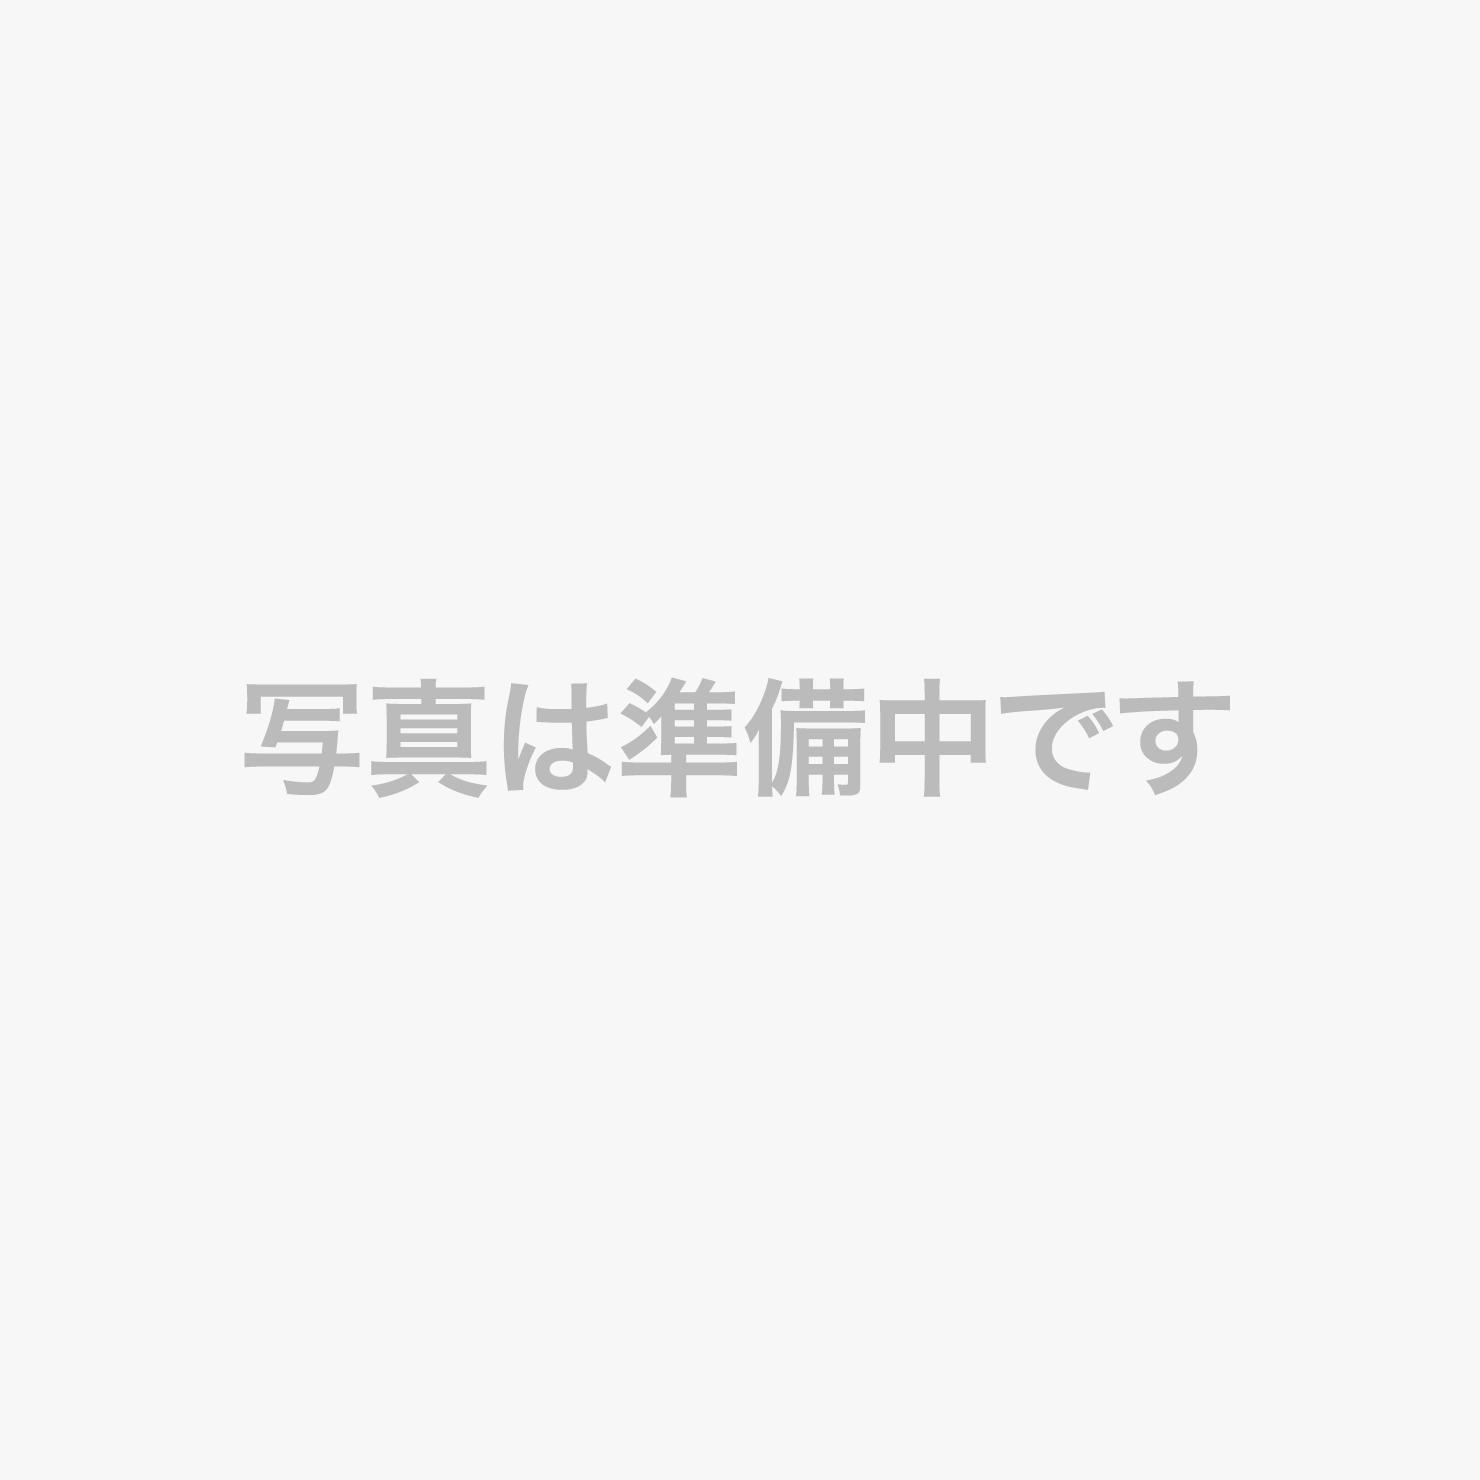 【ロイヤルグランシャリオ】ブッフェ会場全景